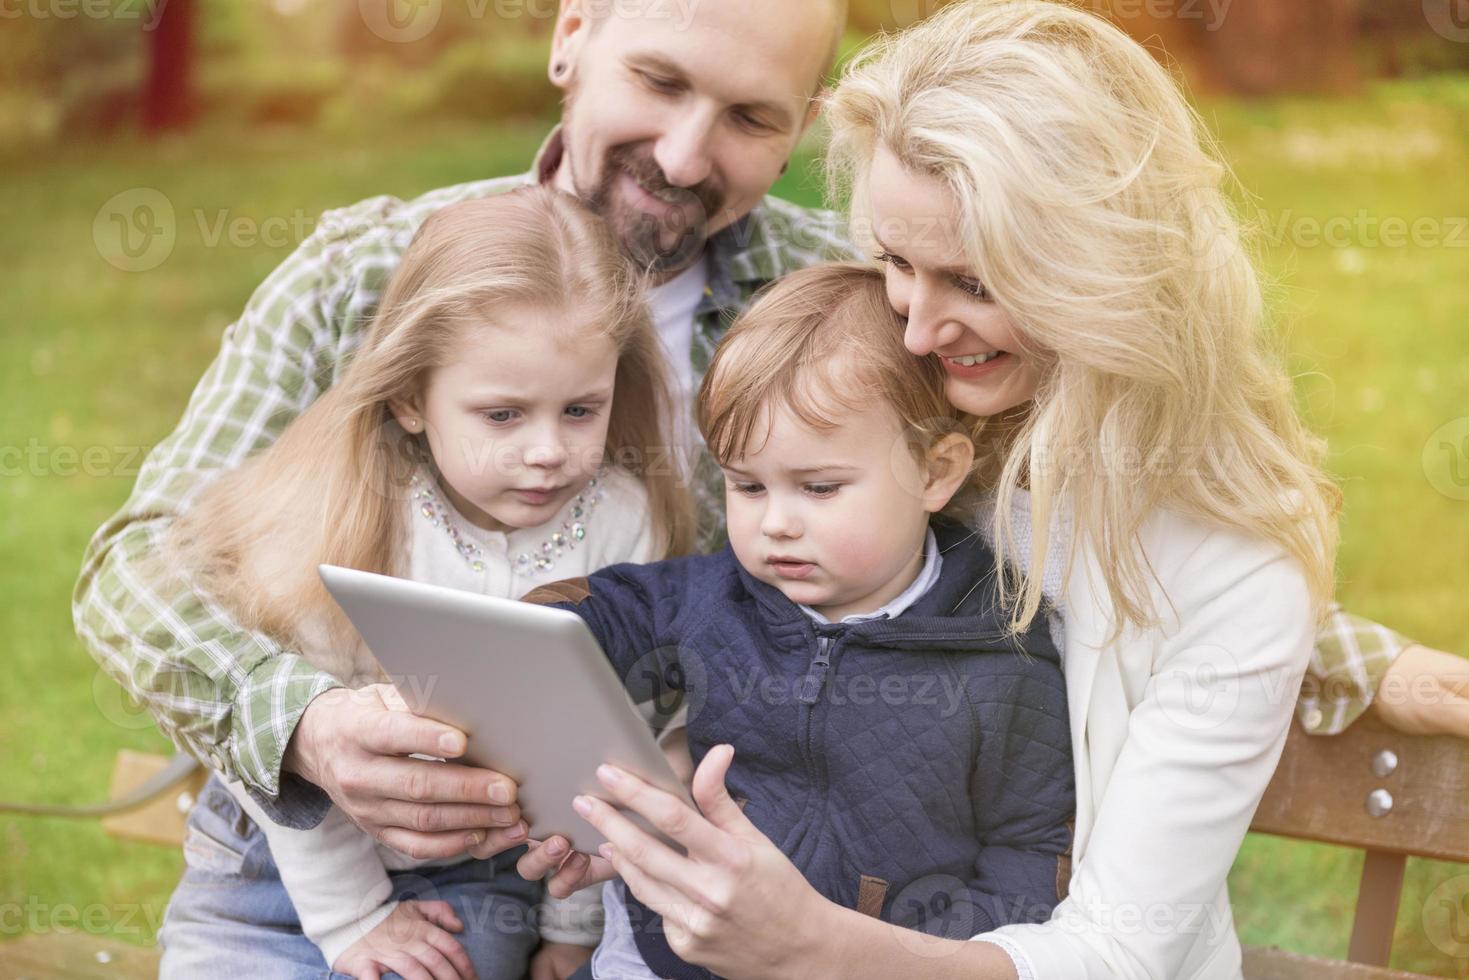 Whole family is enjoying the free Internet photo